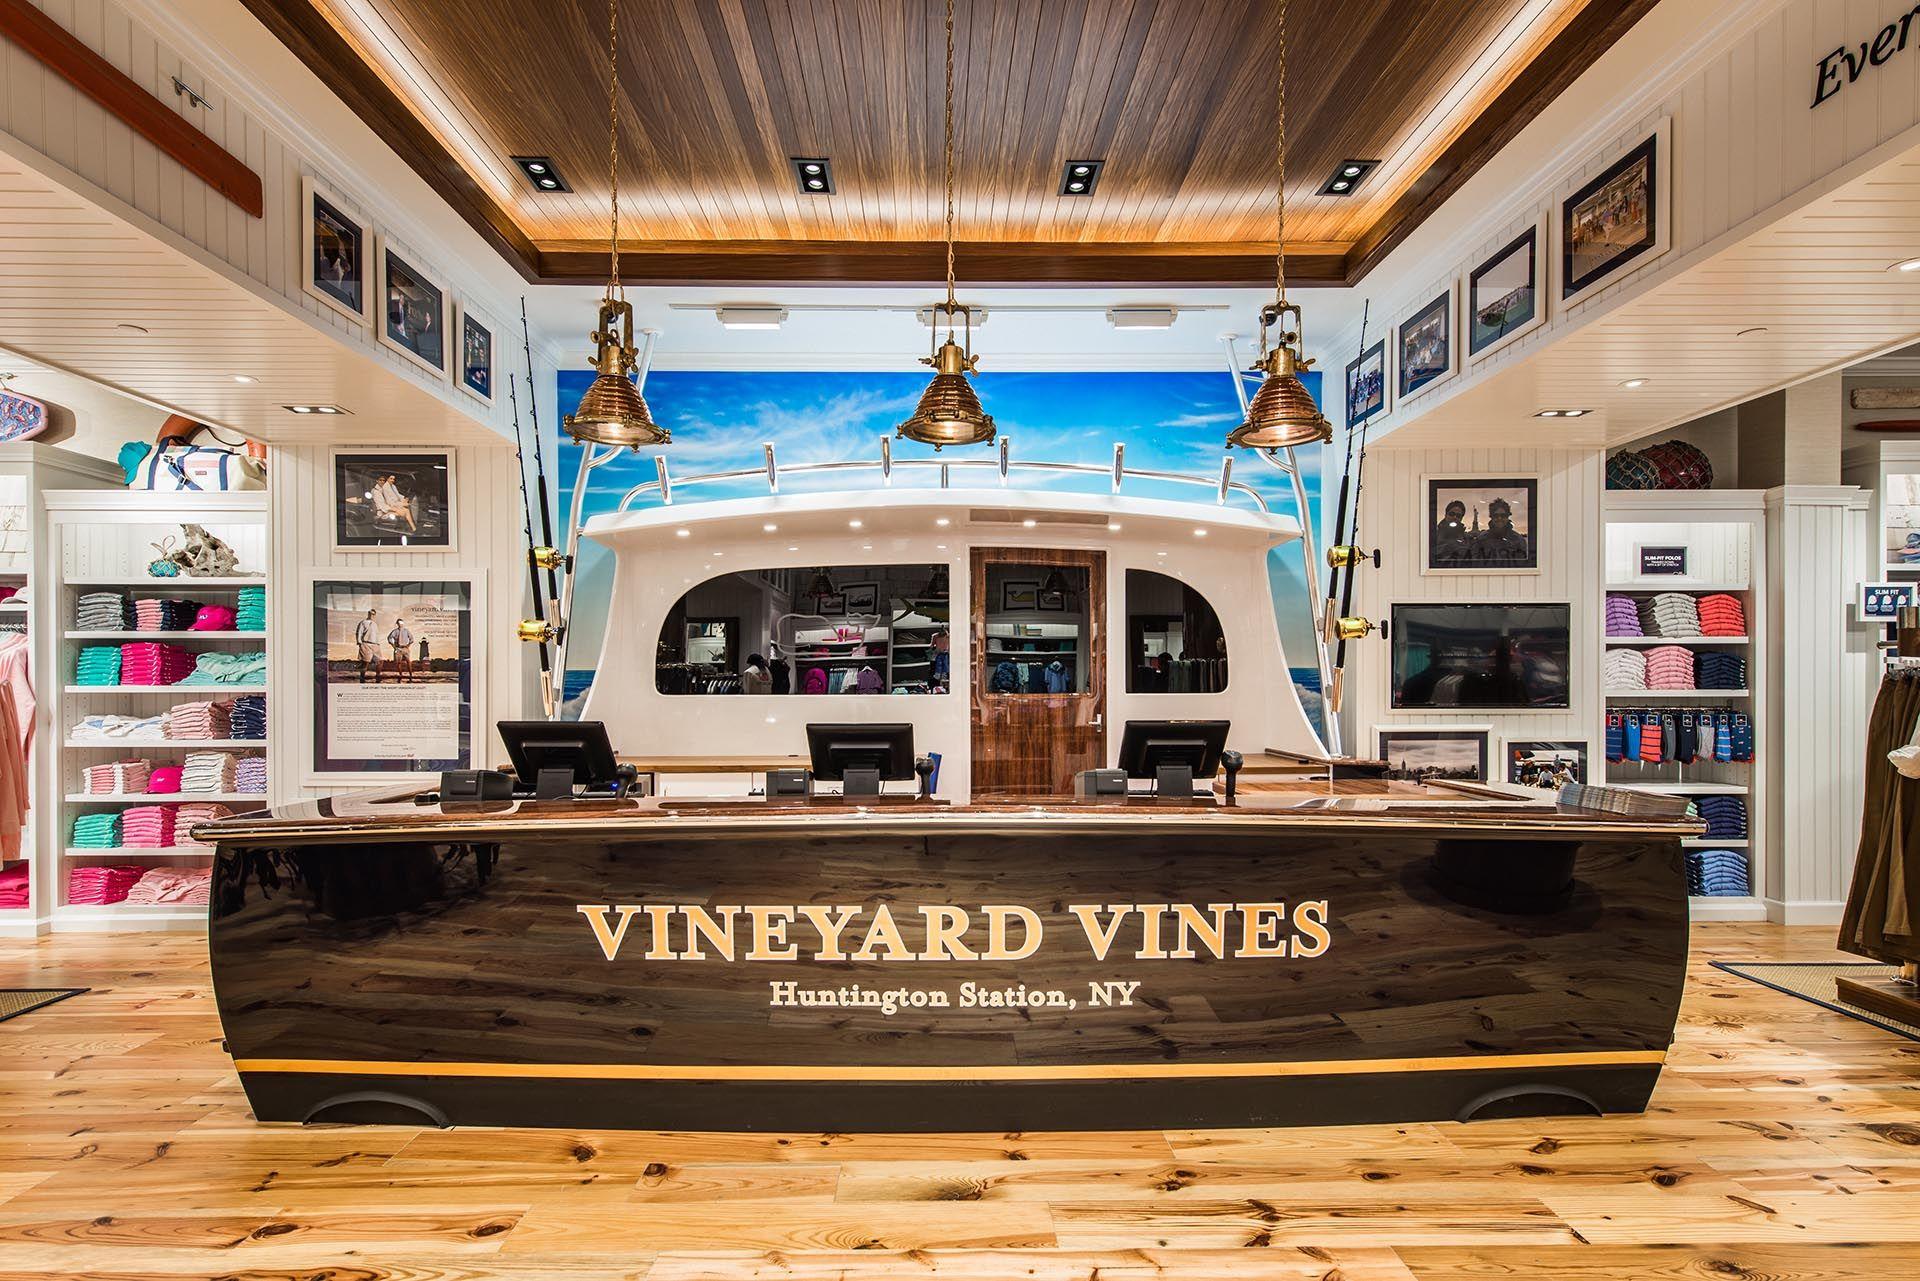 VineyardVine-4 copy.jpg